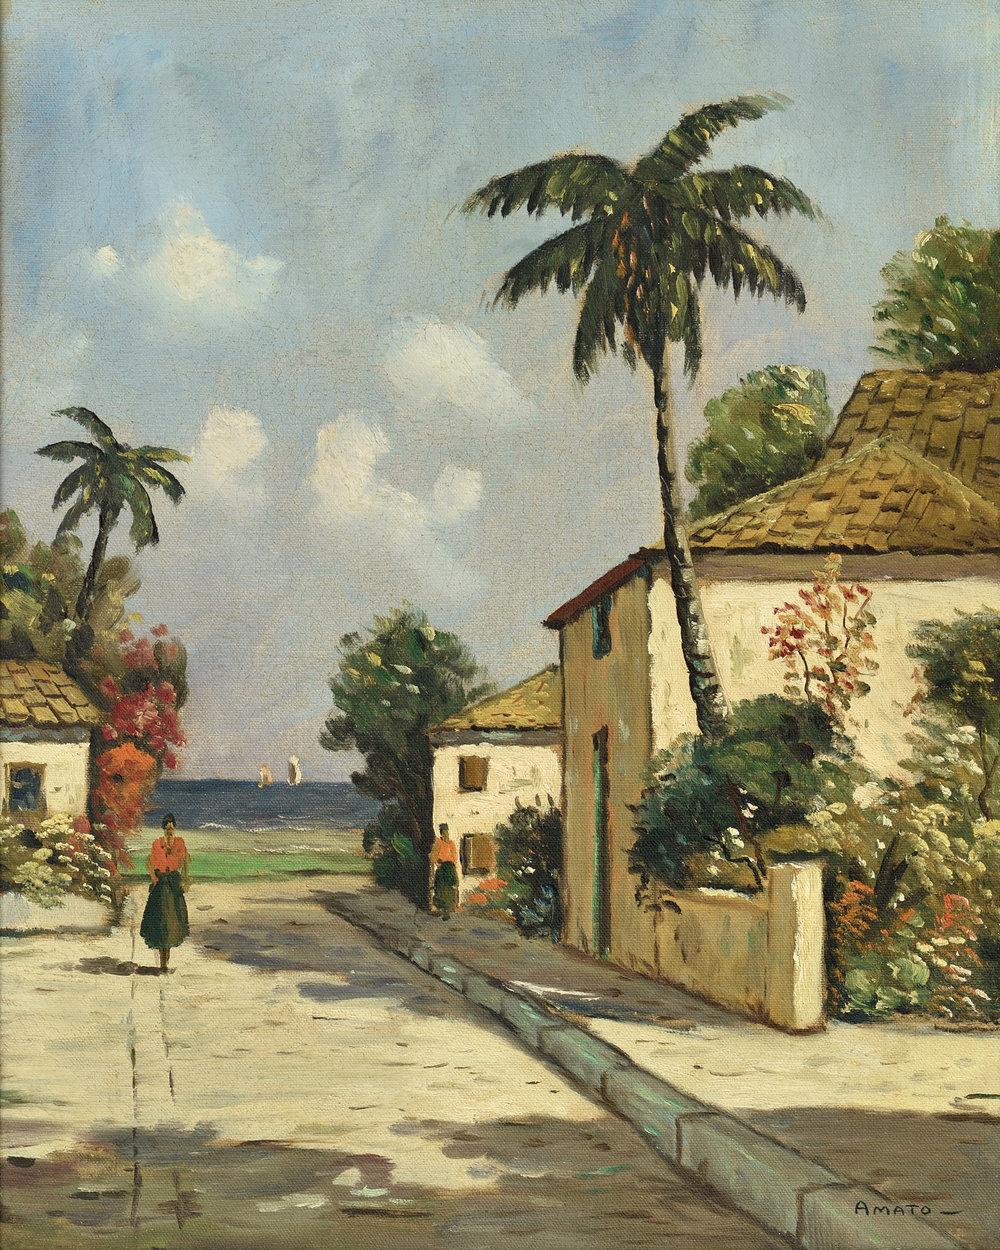 In The Bahamas - Orazio Amato